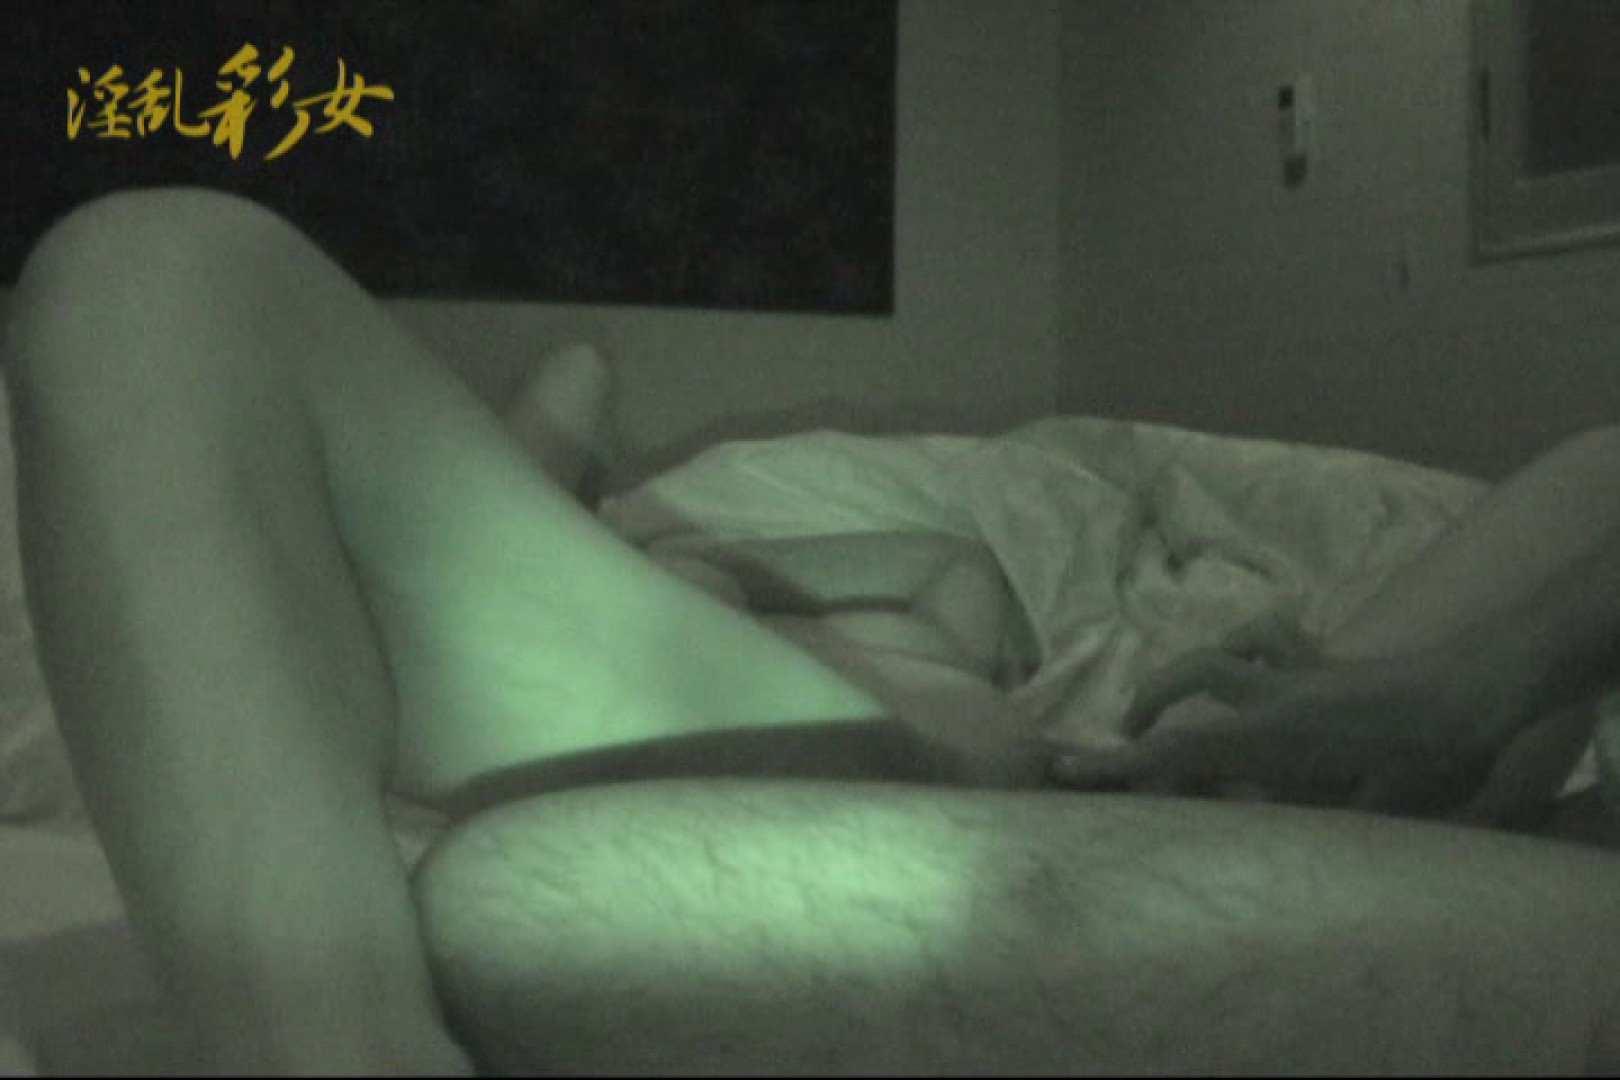 淫乱彩女 麻優里 禁断の彼氏2 一般投稿  58pic 4